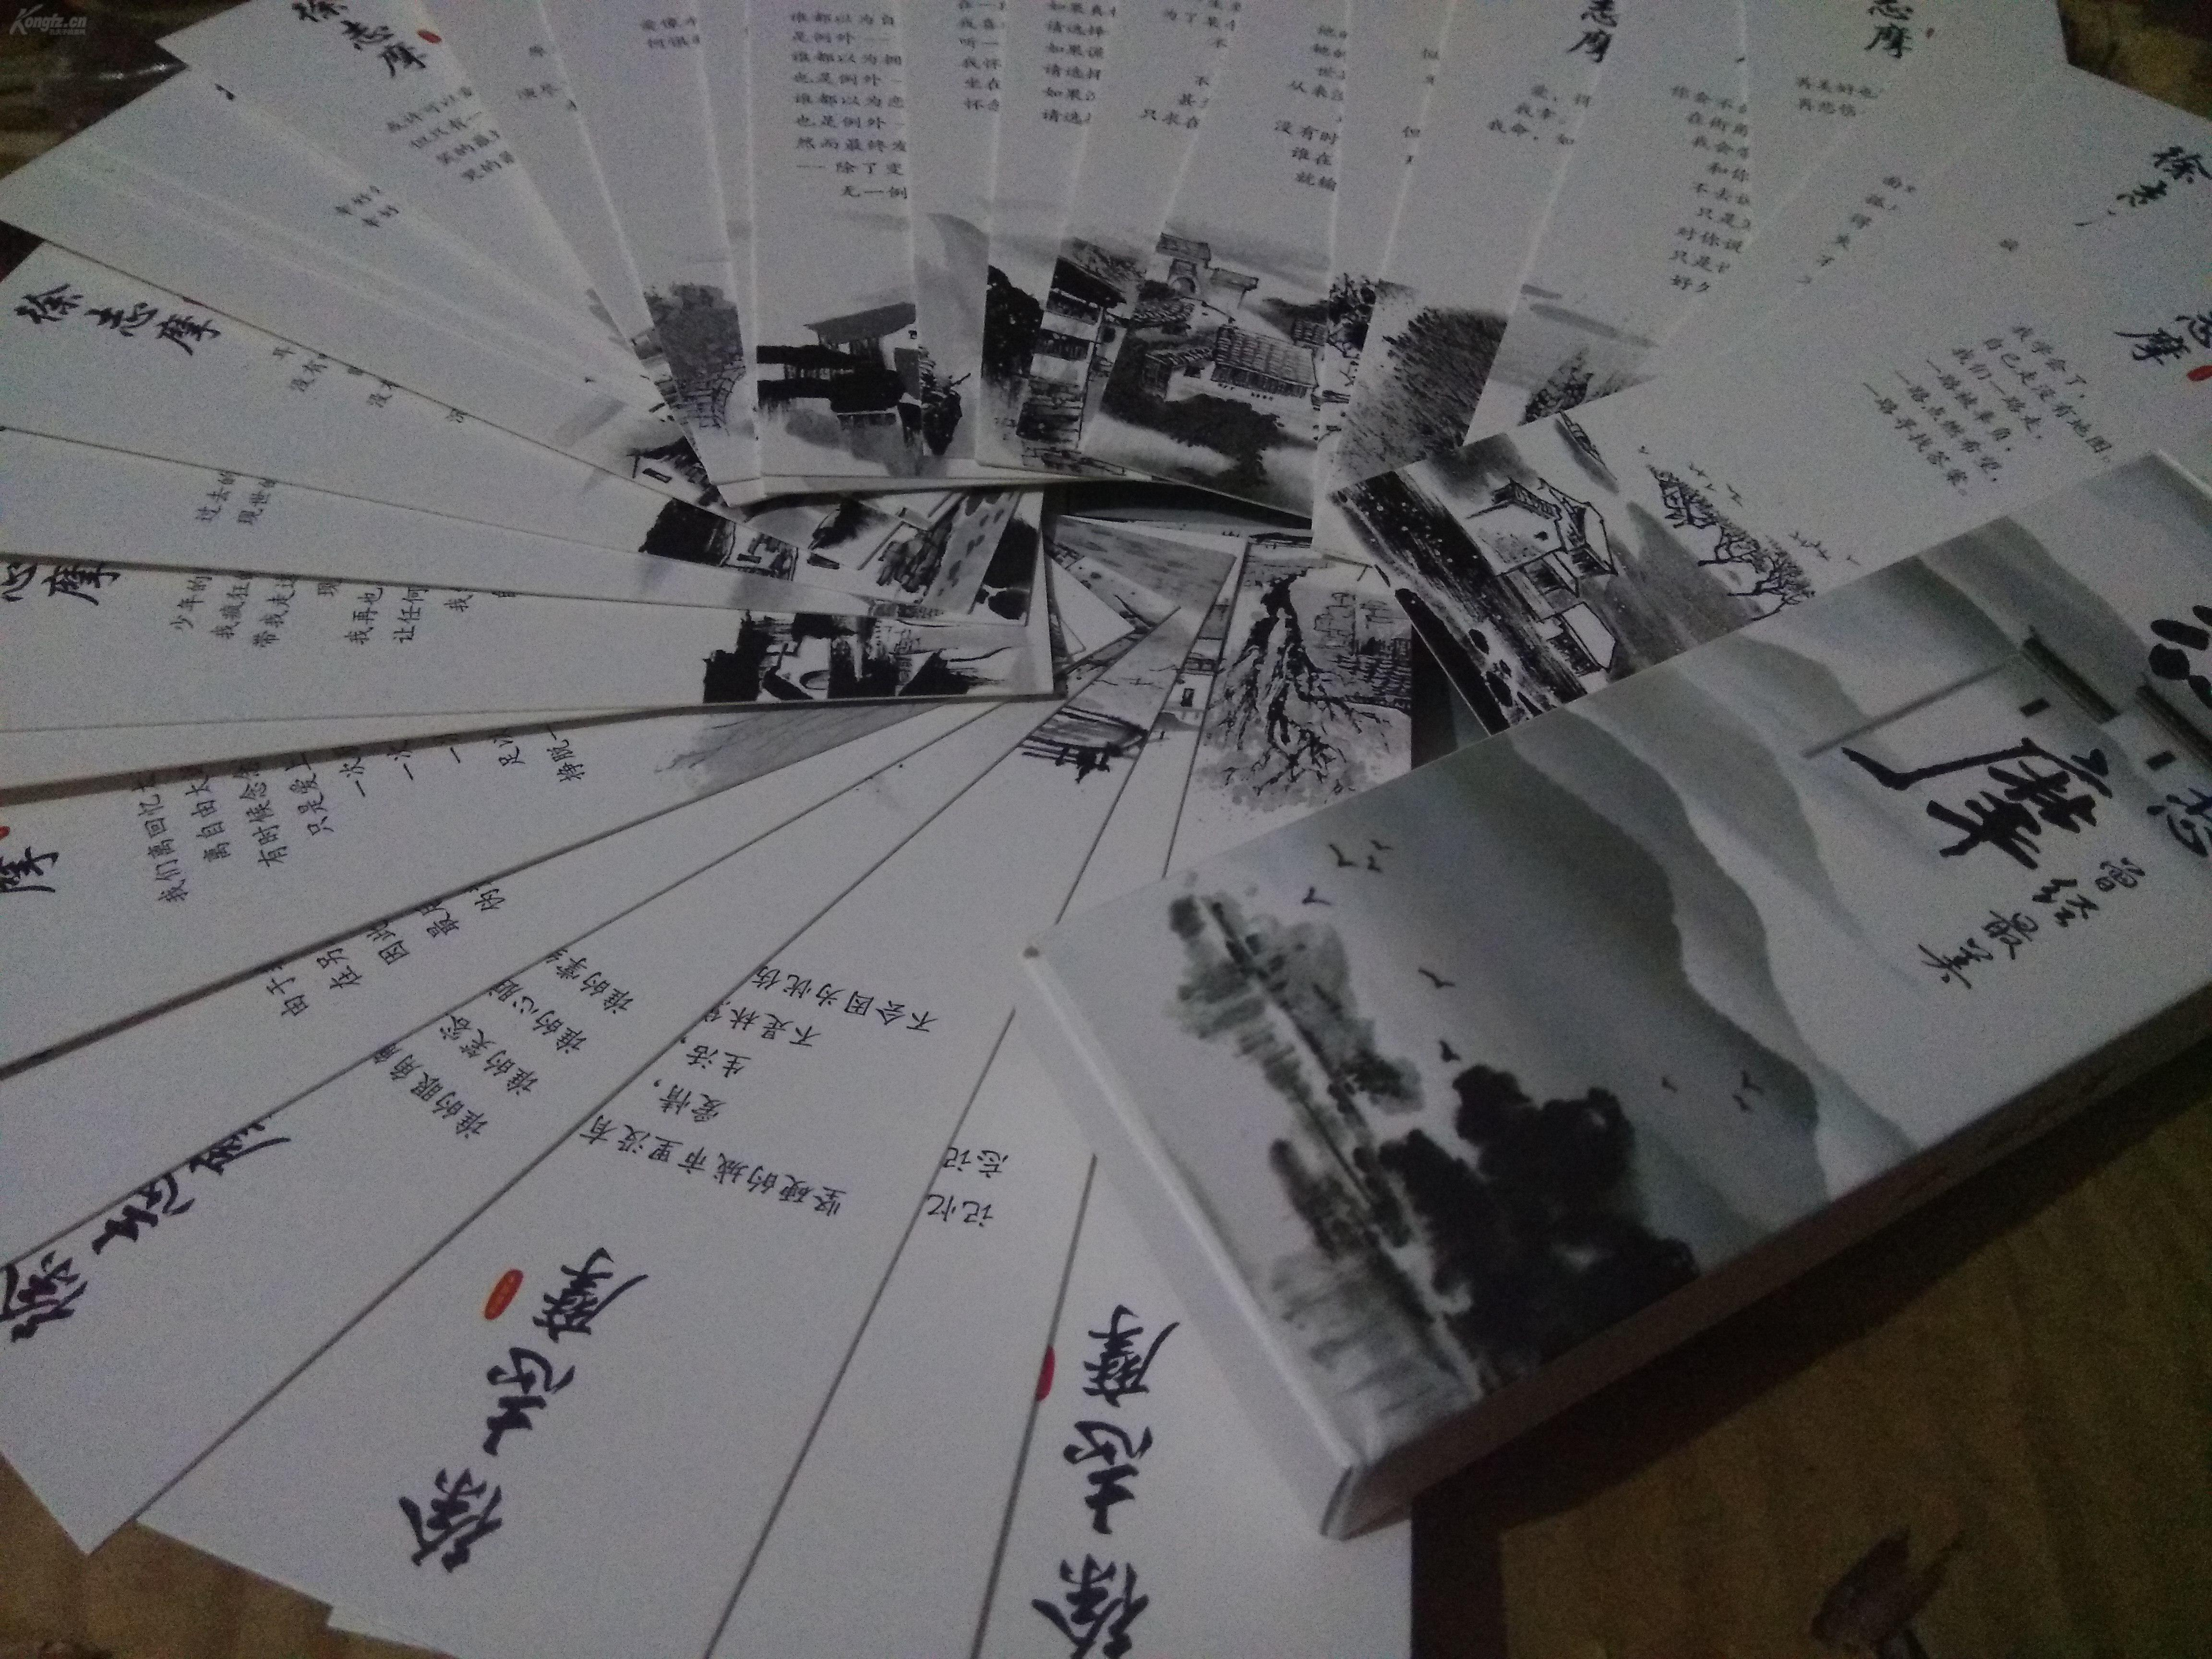 新款徐志摩诗词书签全套三十张 拍品编号:29723718